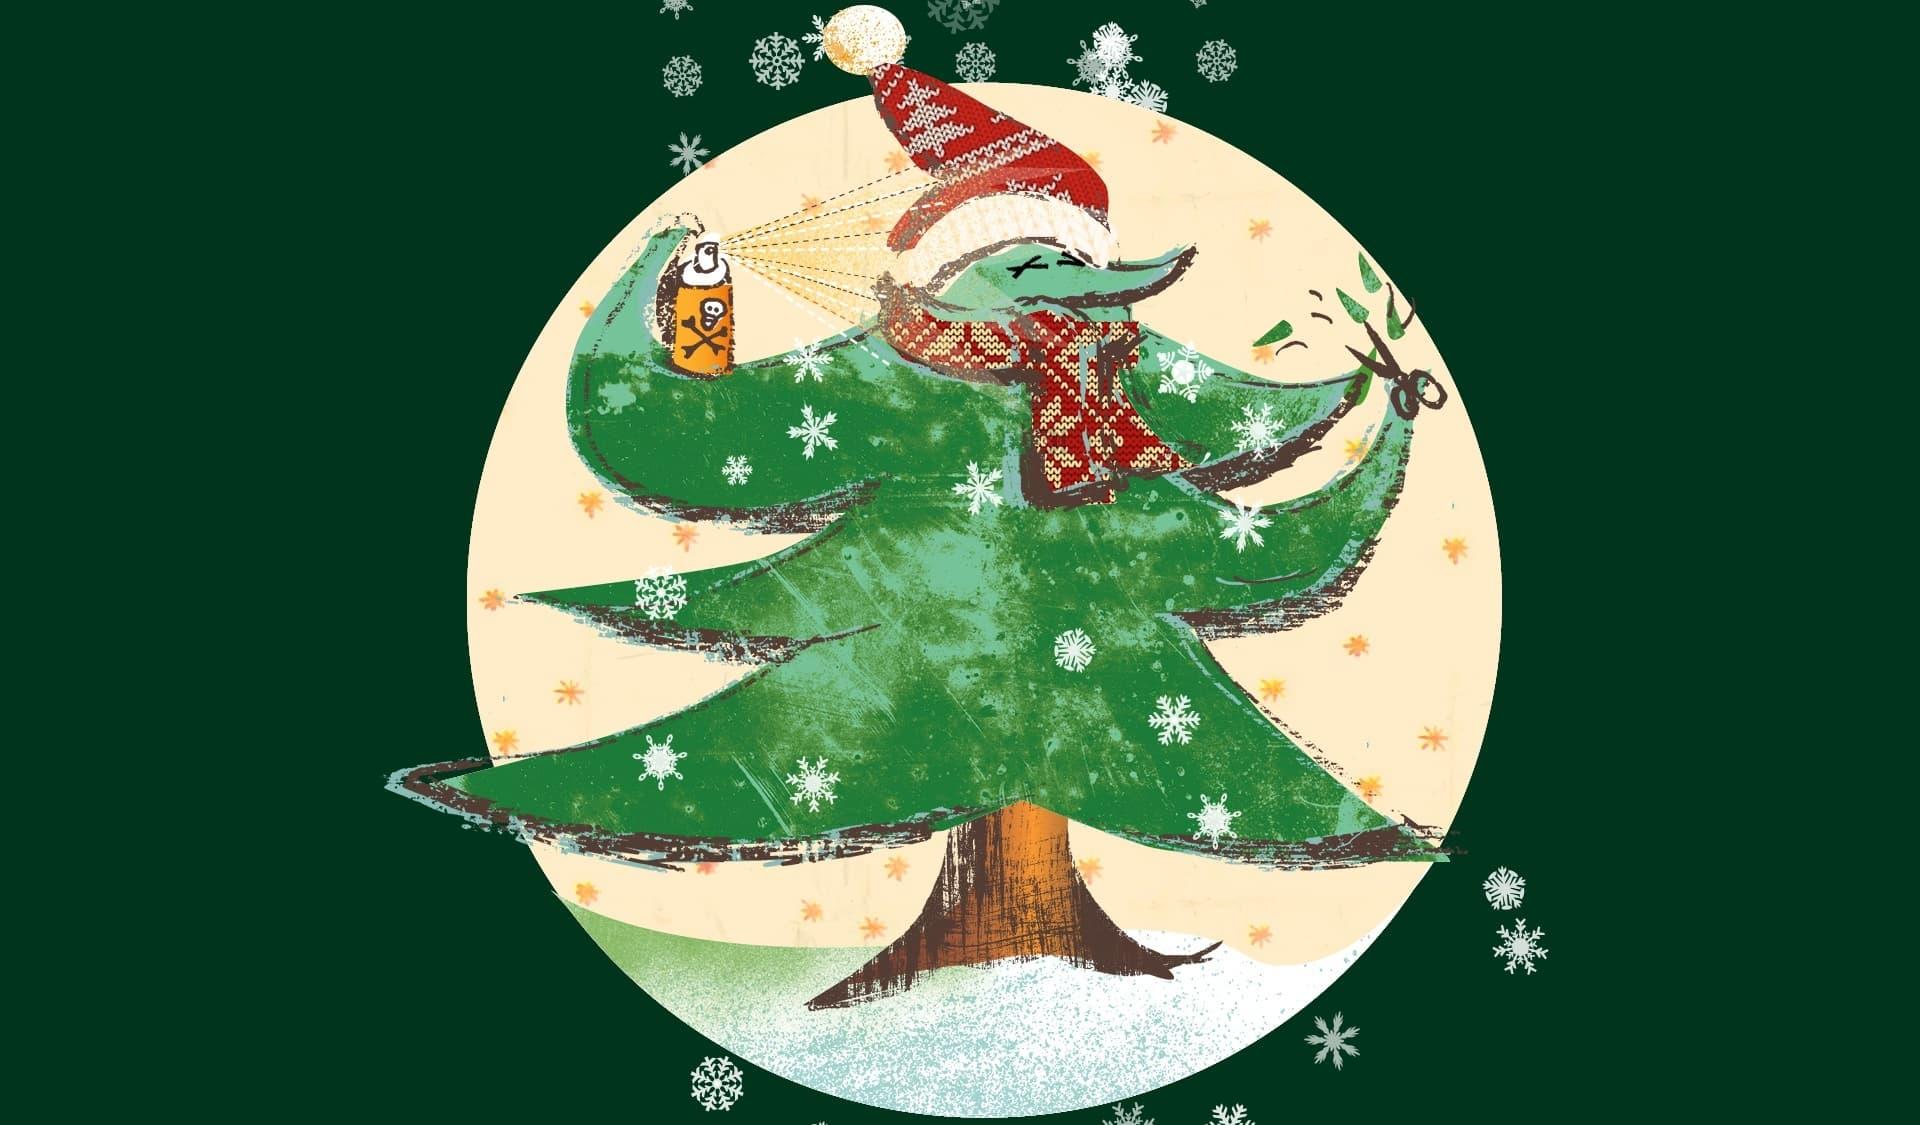 Gezeichneter Weihnachtsbaum mit Nikolausmütze